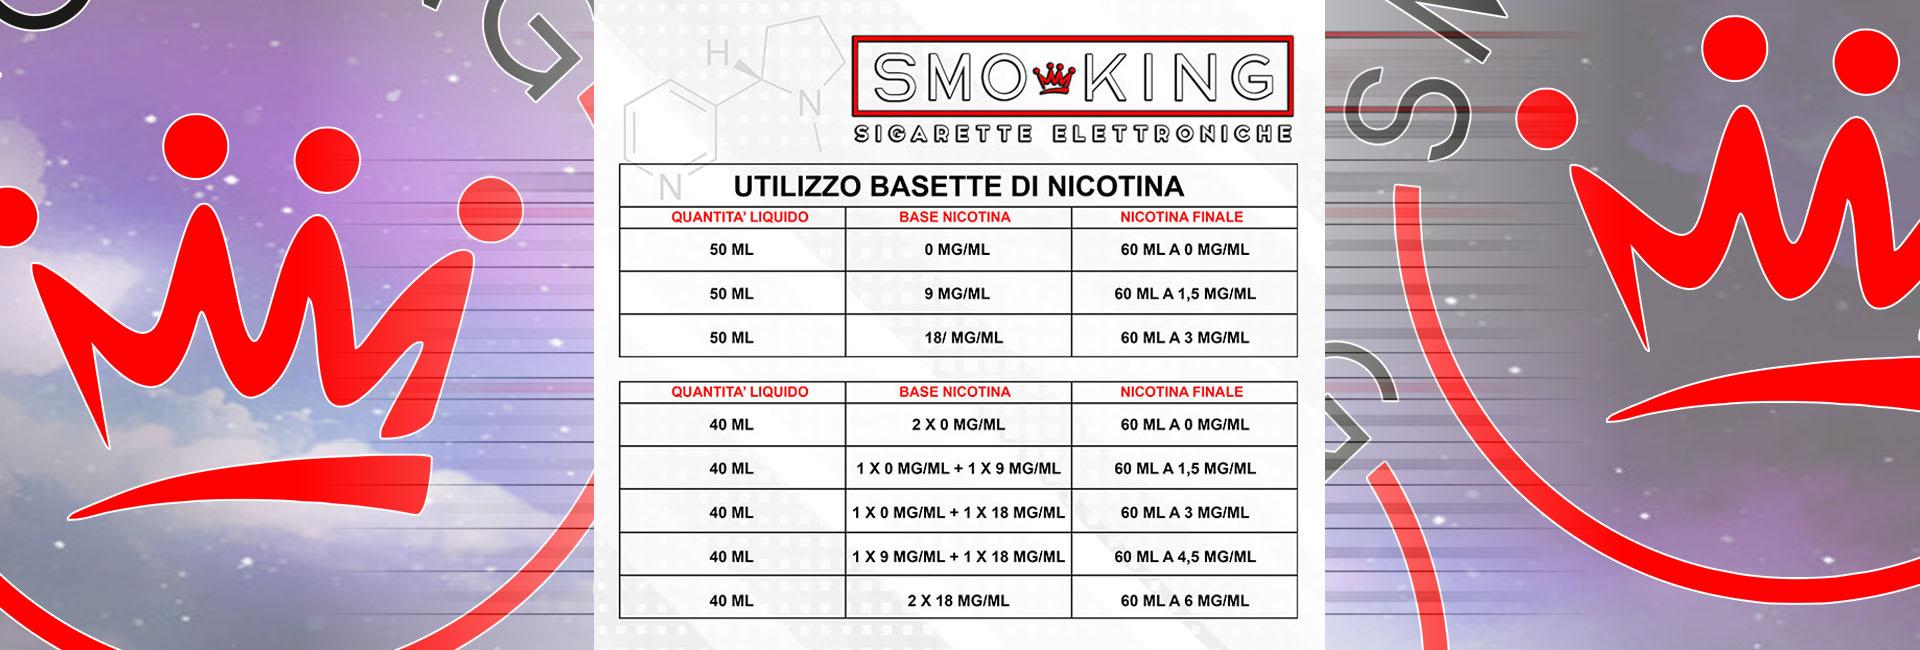 Dosaggio e quanta nicotina nella sigaretta elettronica